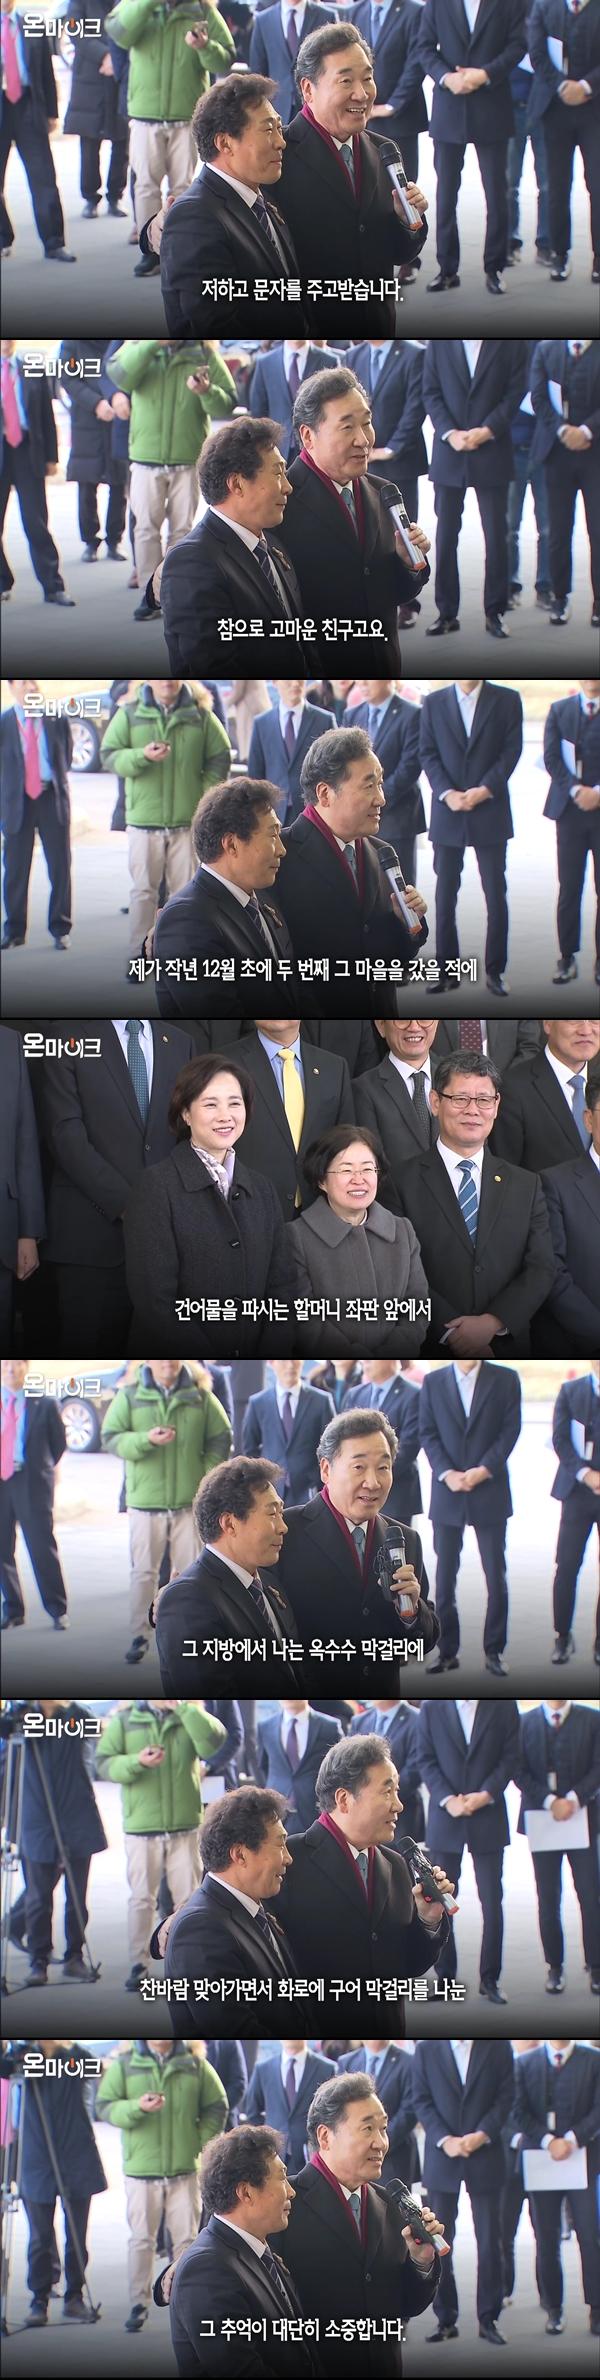 국민들에게 충격이었던 재난재해 대처.JPG7